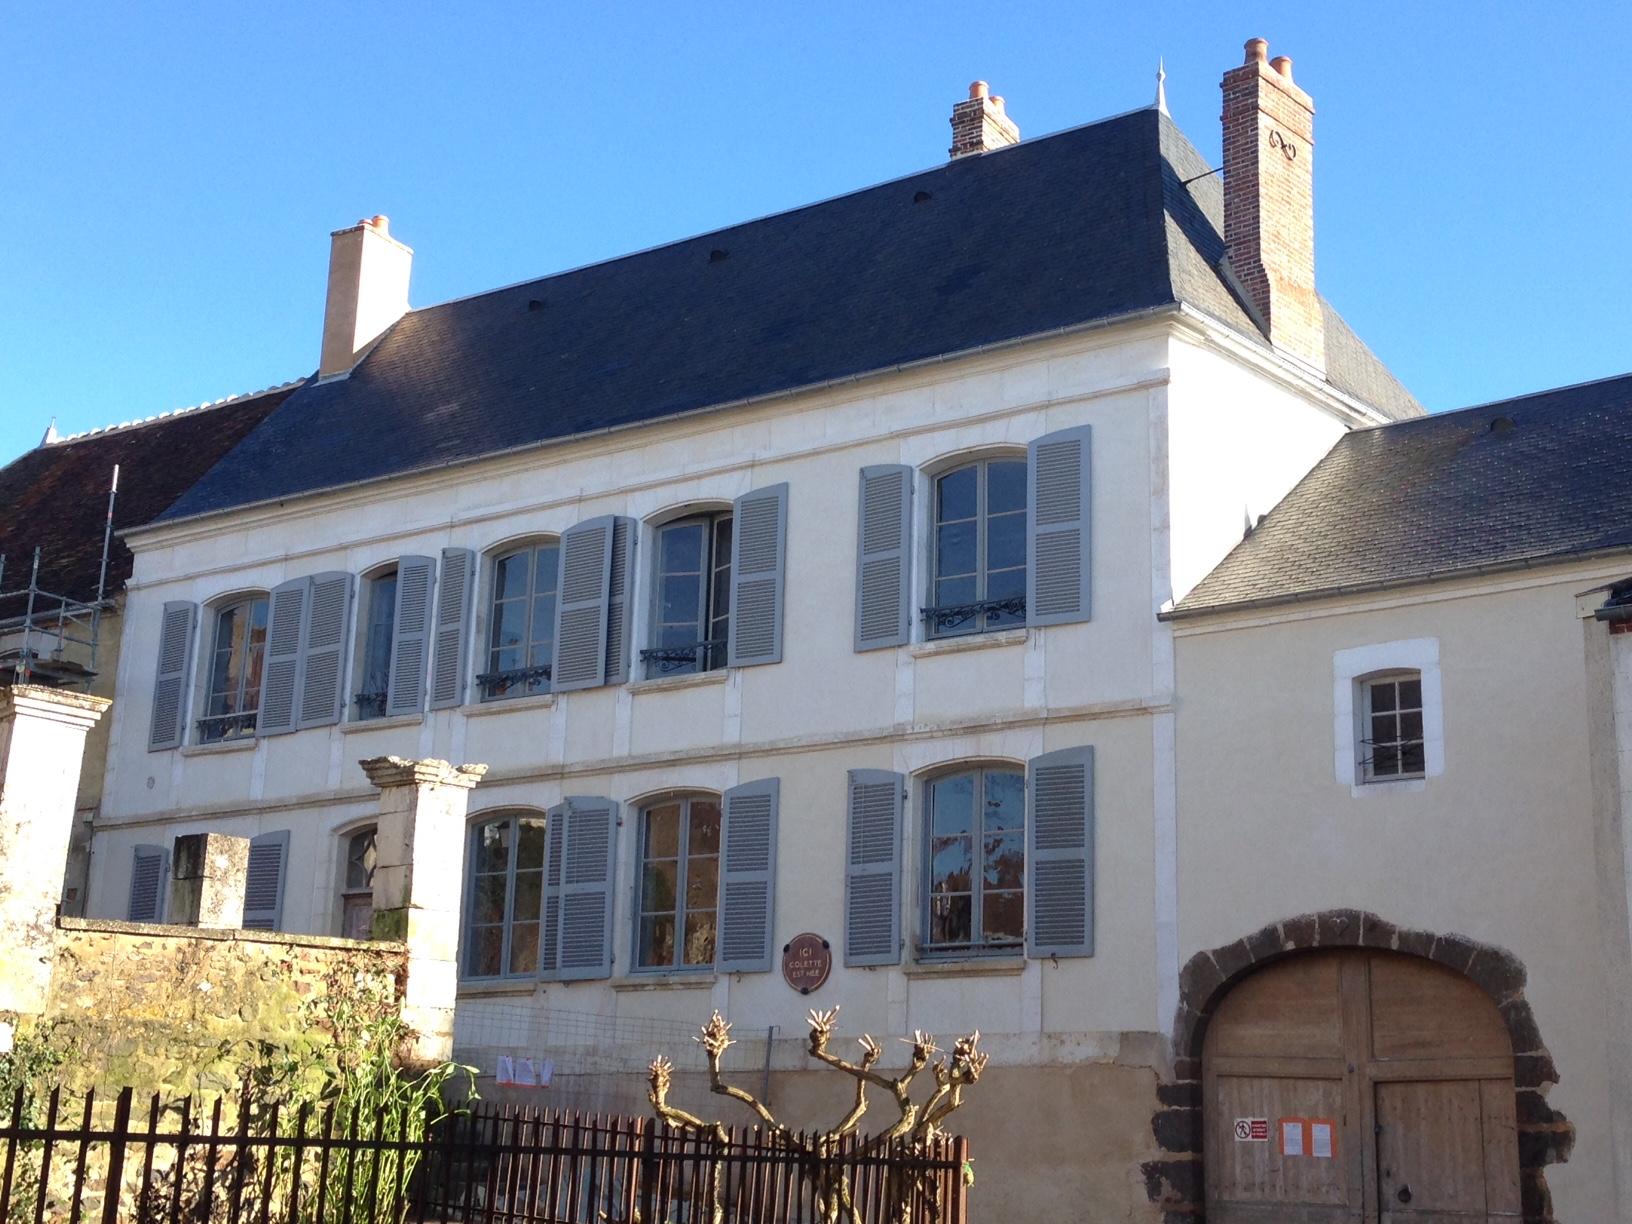 Colette's Home